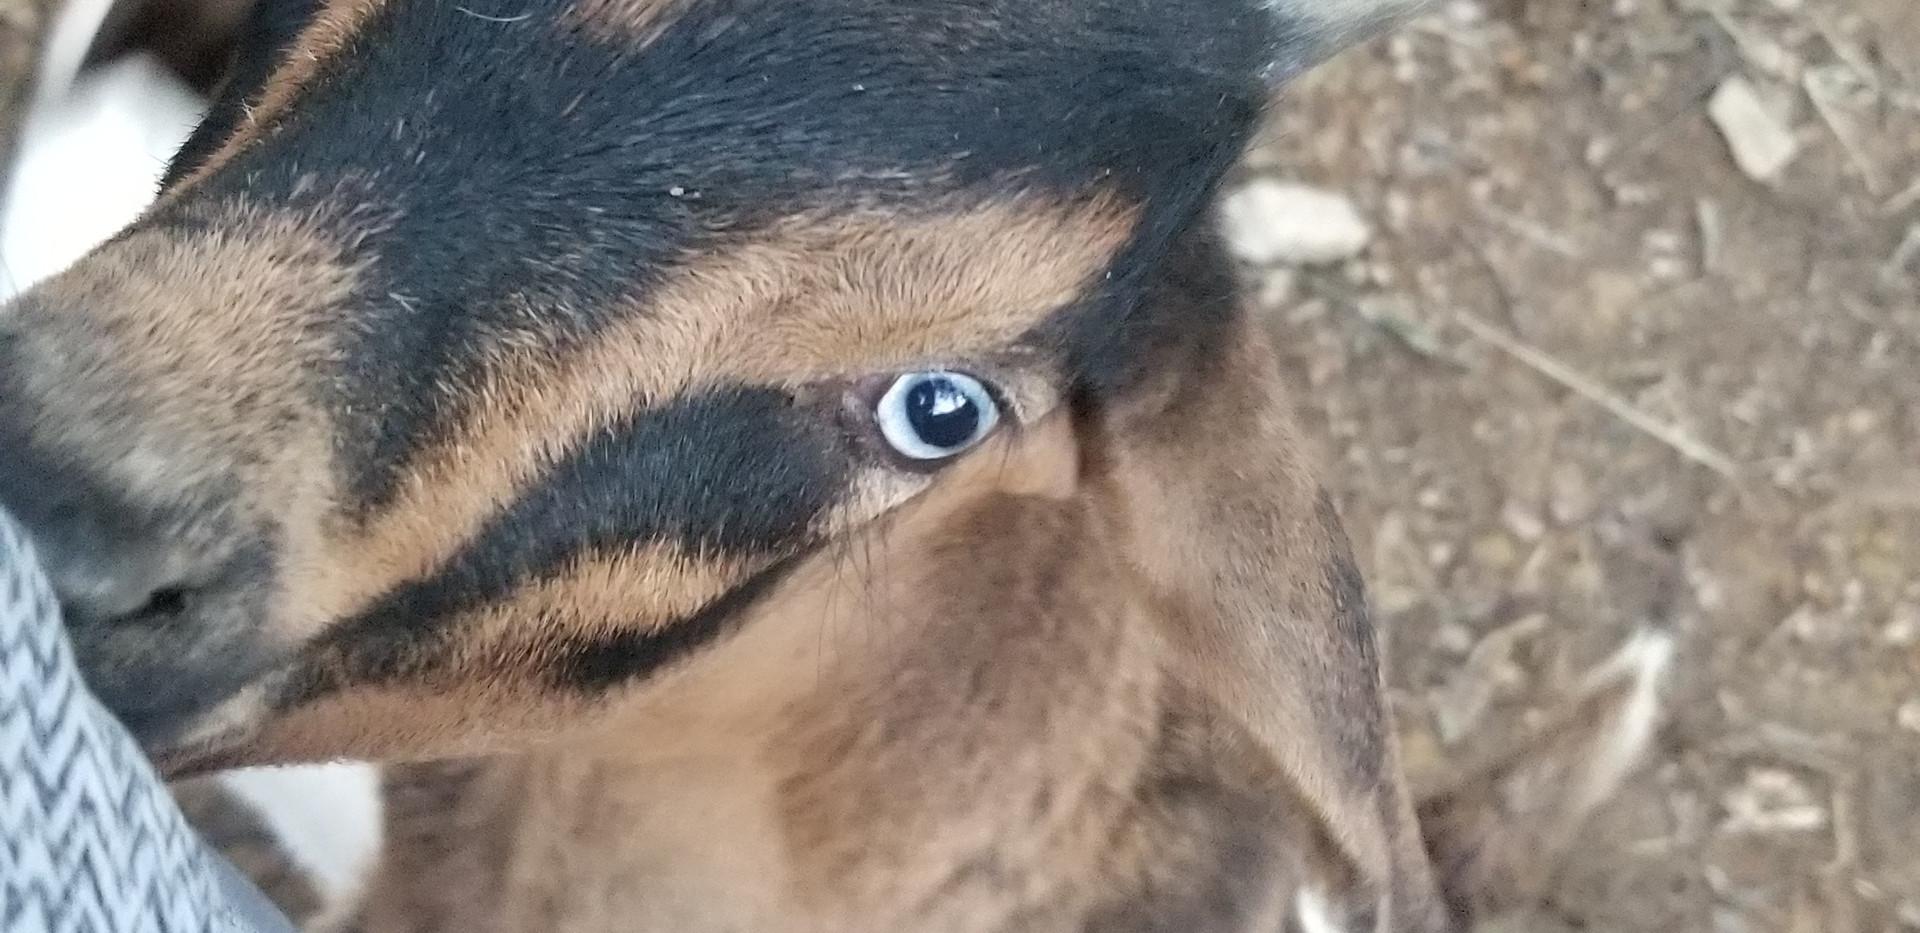 blue eye boy goat for sale.jpg